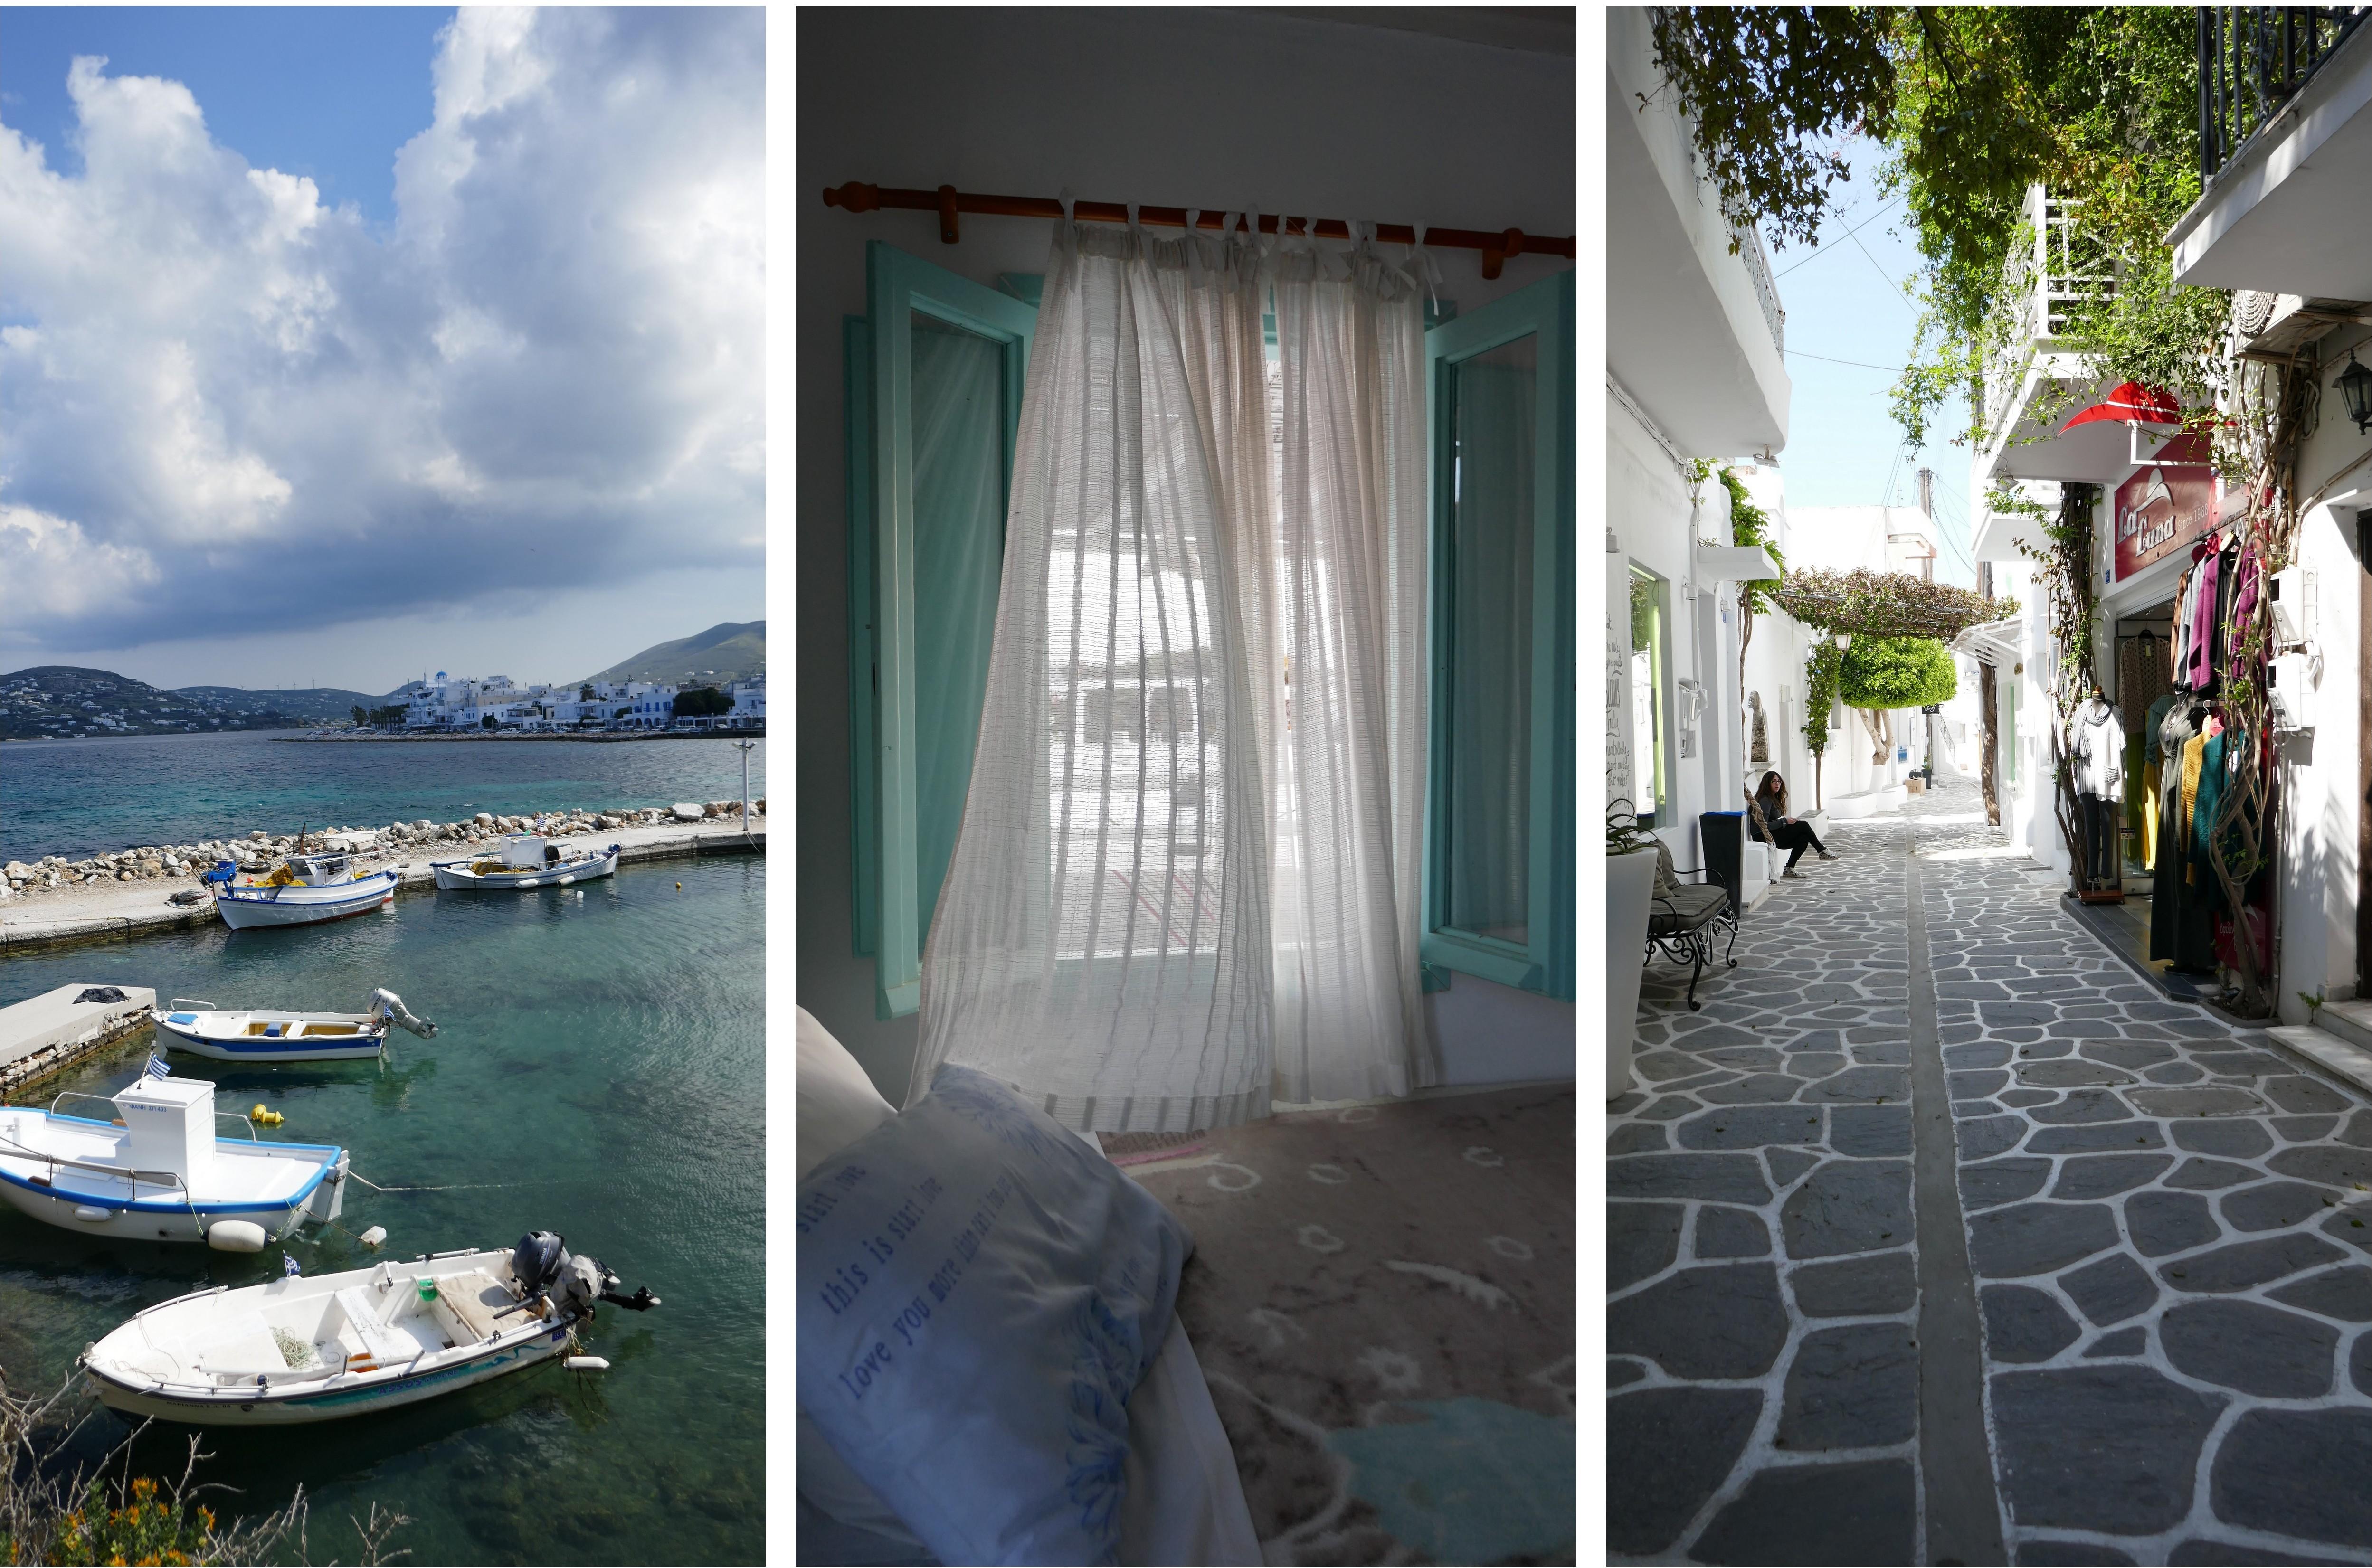 Parikia est la capitale et le port principal de l'île de Paros.